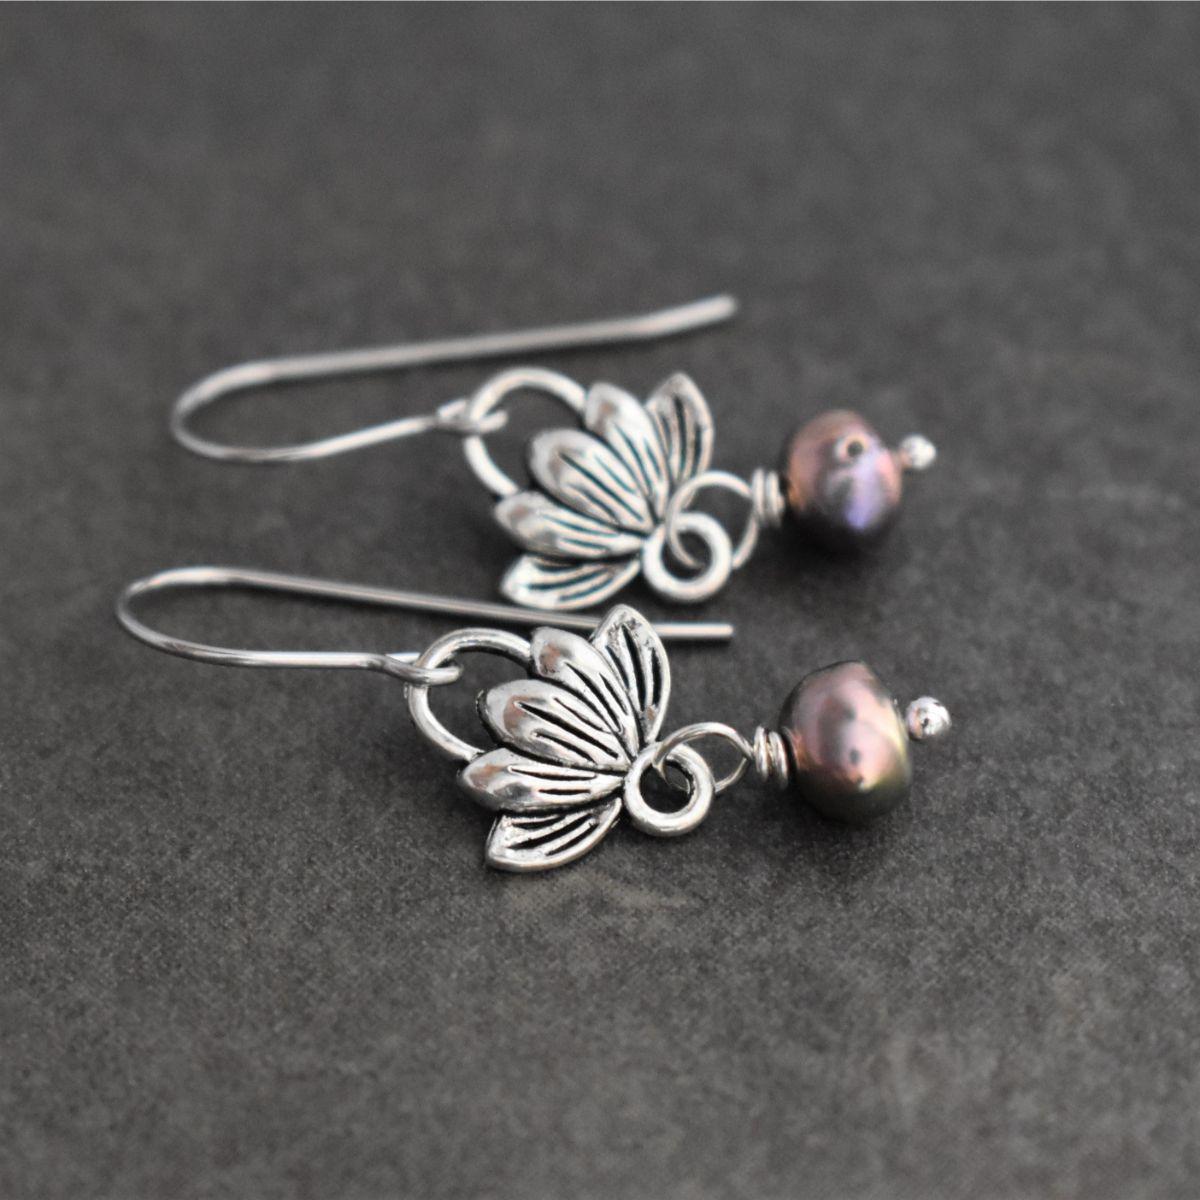 Lotus and Pearl earrings